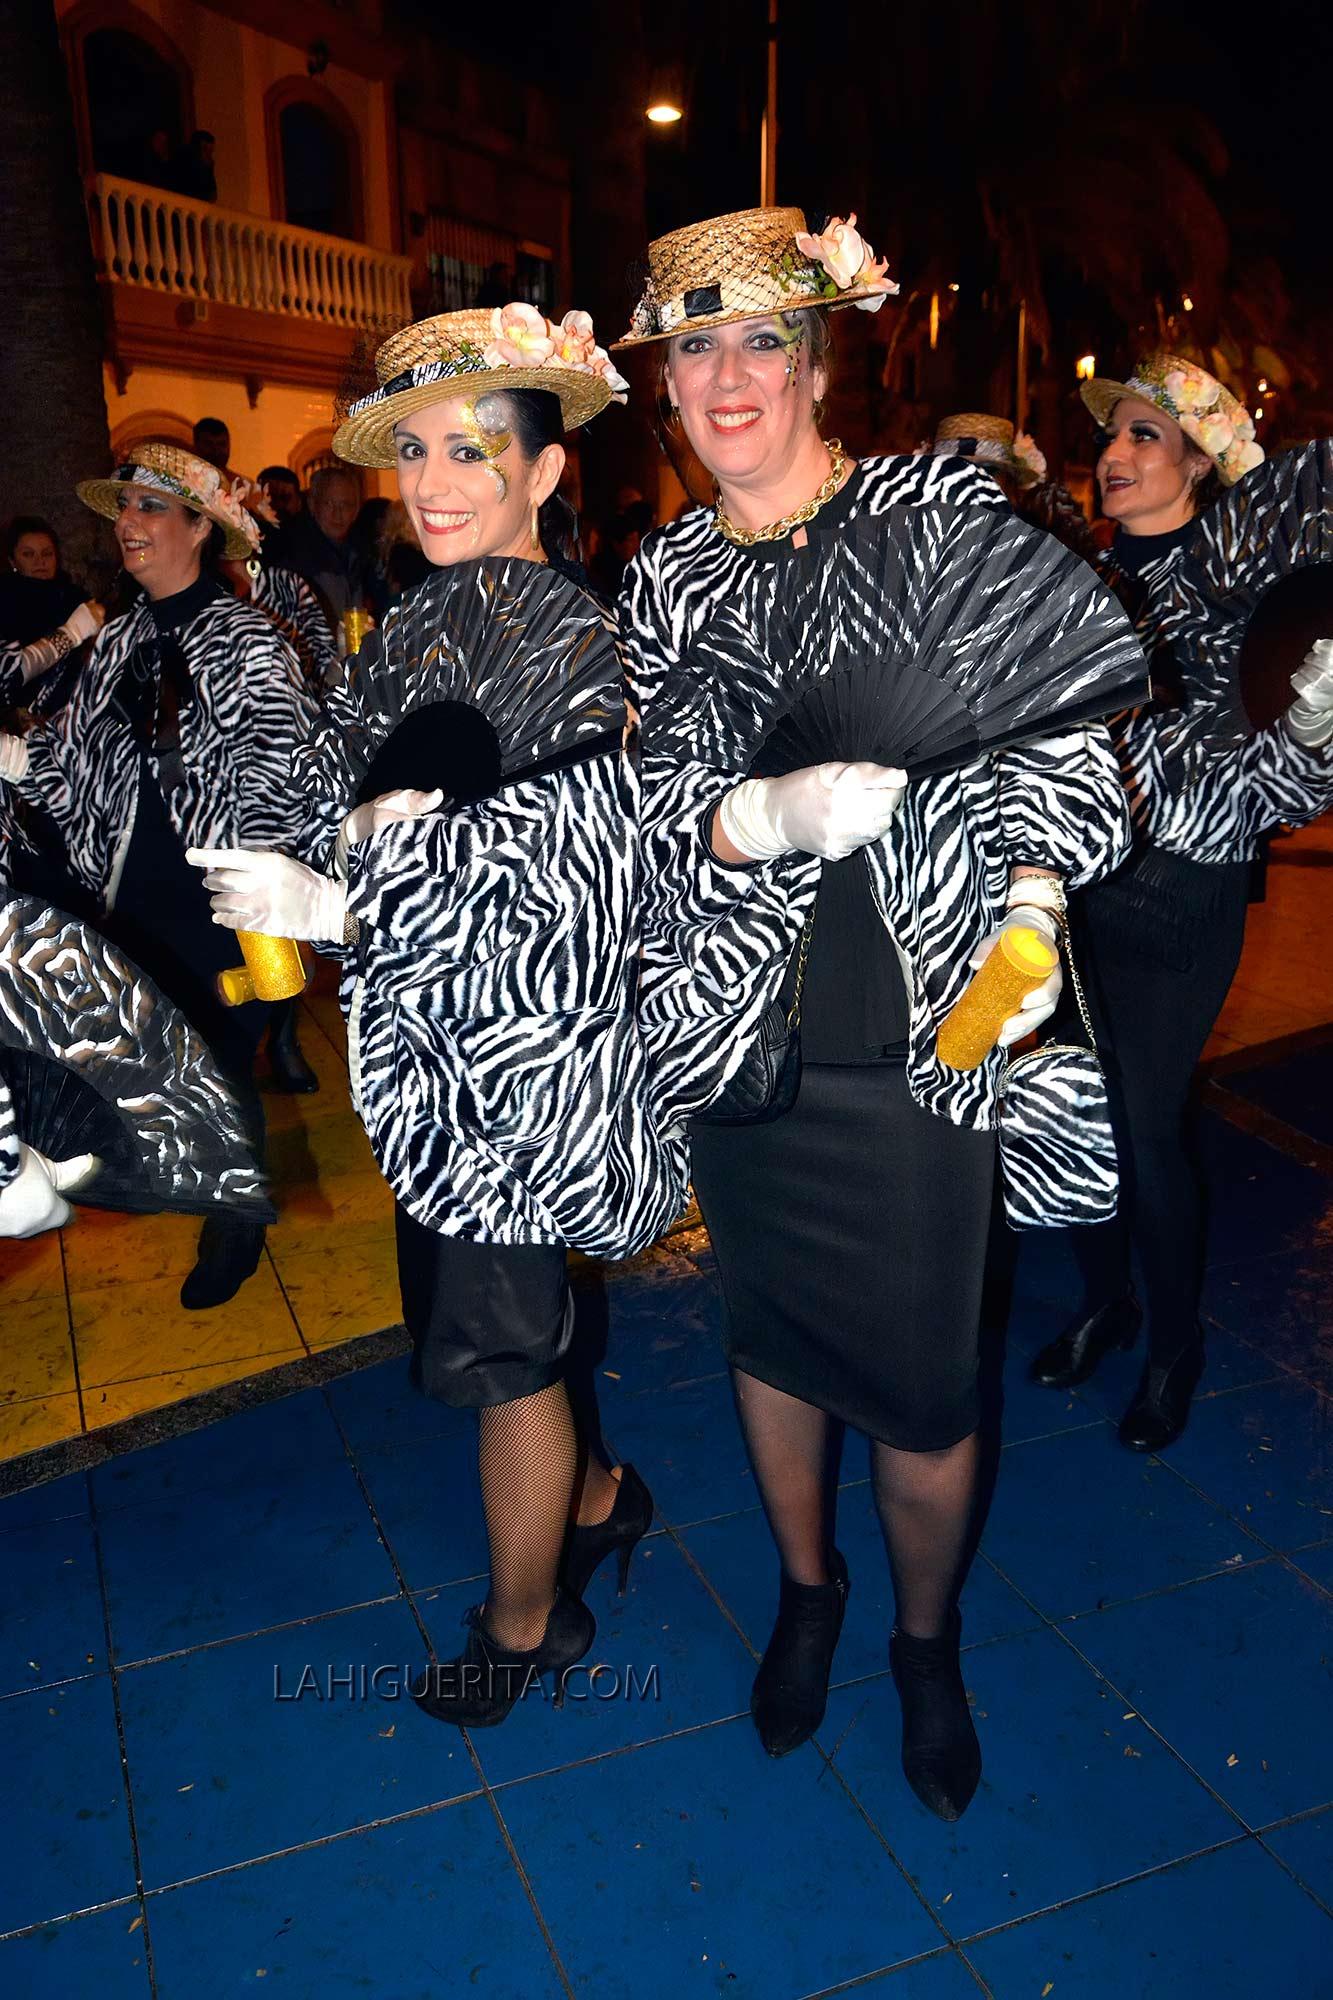 Entierro de la sardina carnaval isla cristina _DSC2222